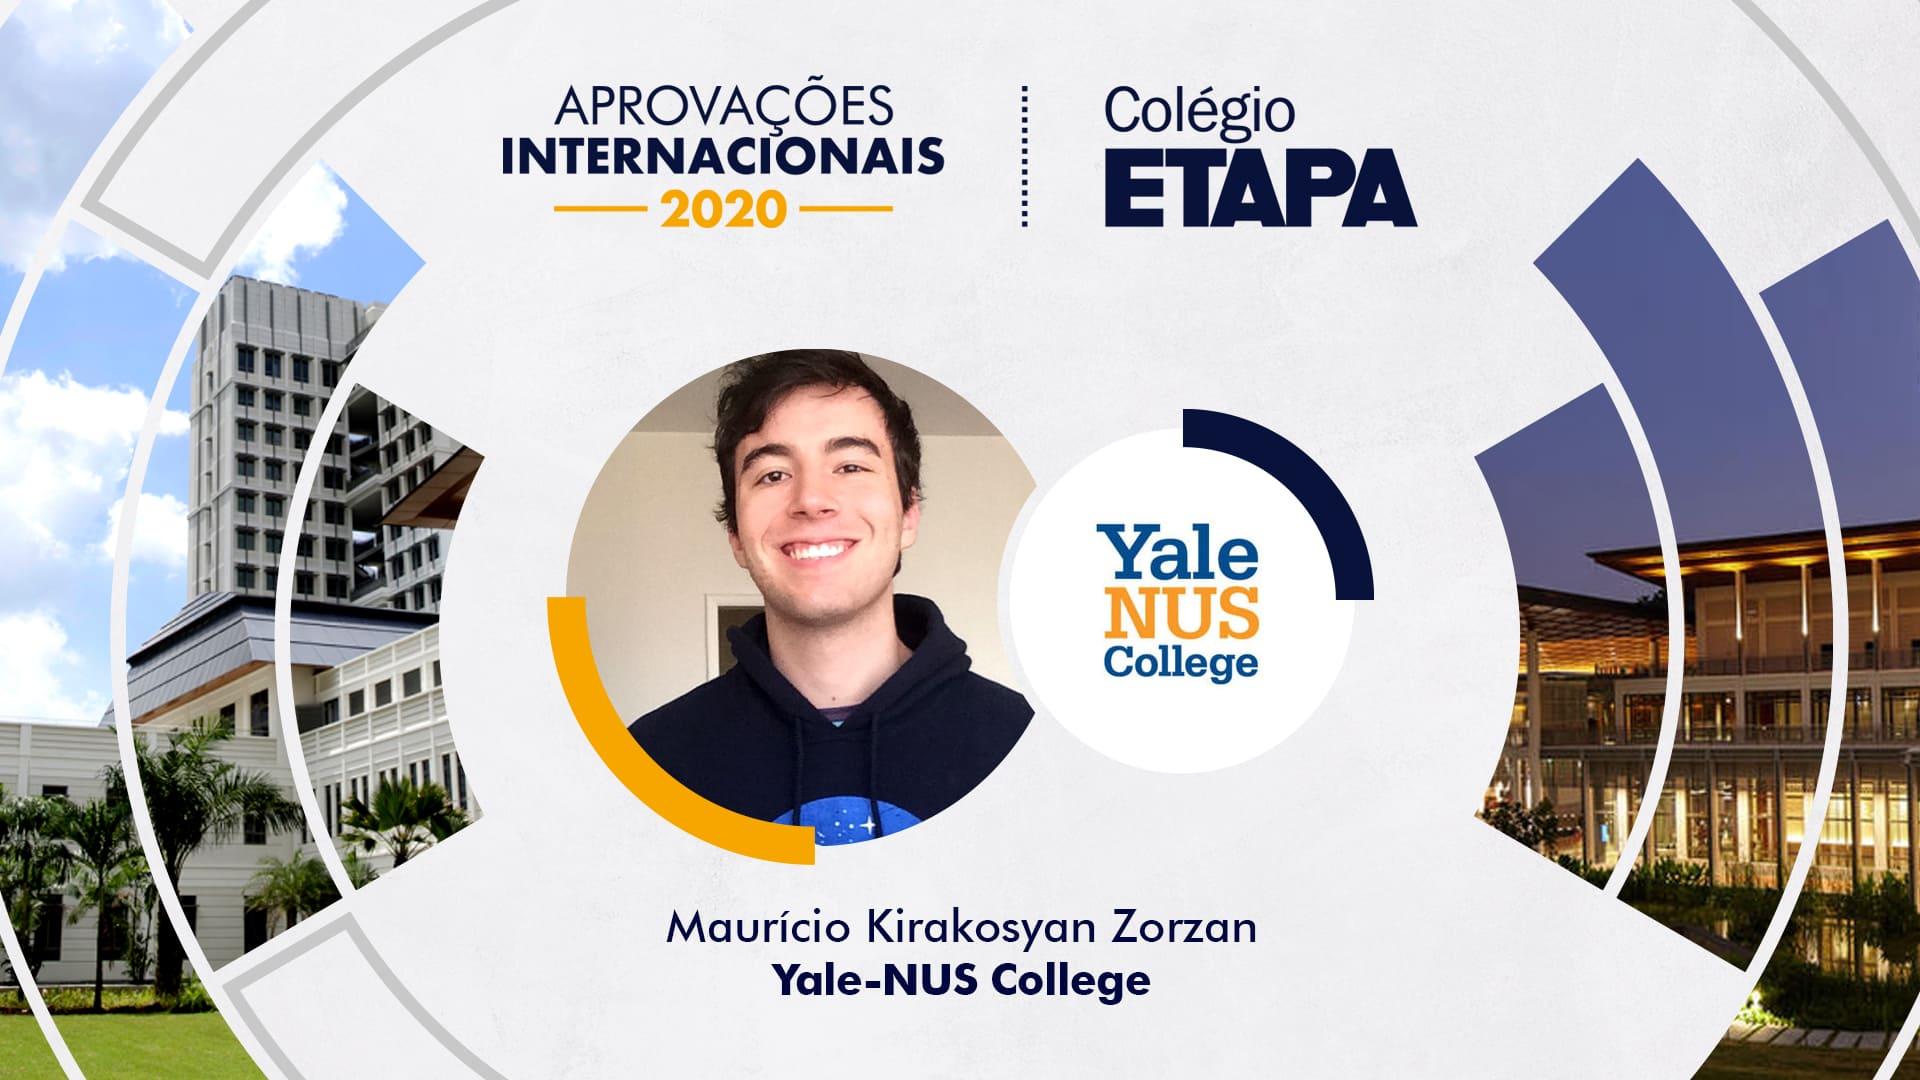 Maurício Kirakosyan Zorzan é o primeiro aluno do Etapa a conquistar uma aprovação melhor universidade liberal arts da Ásia.